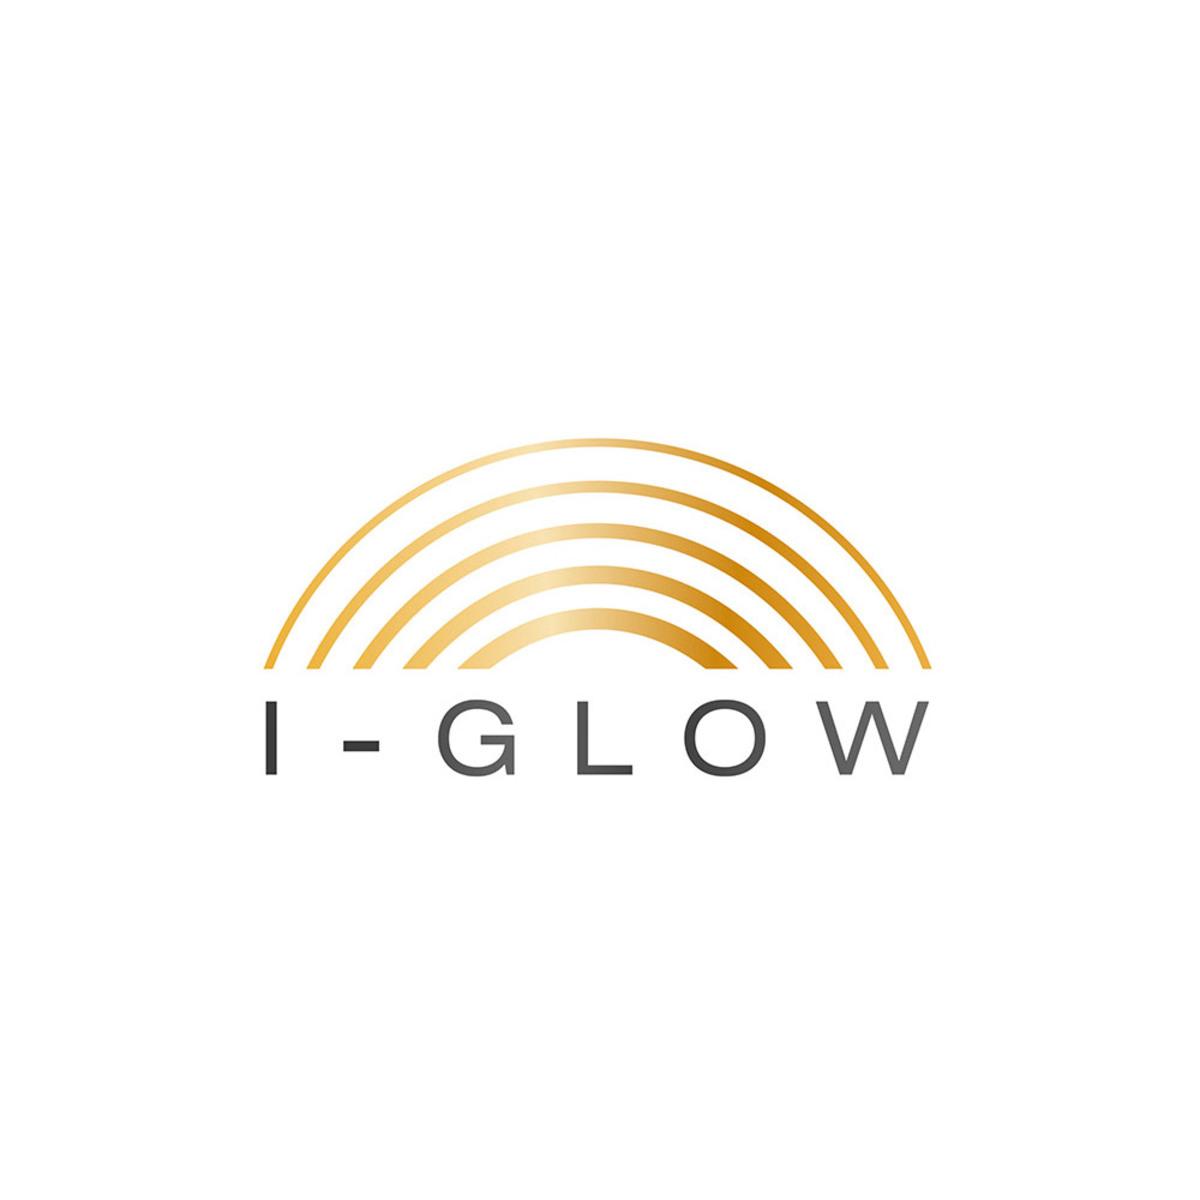 Bild 3 von I-Glow LED-Solar-Leuchtkugeln, Crackle Bunt - 3er Set